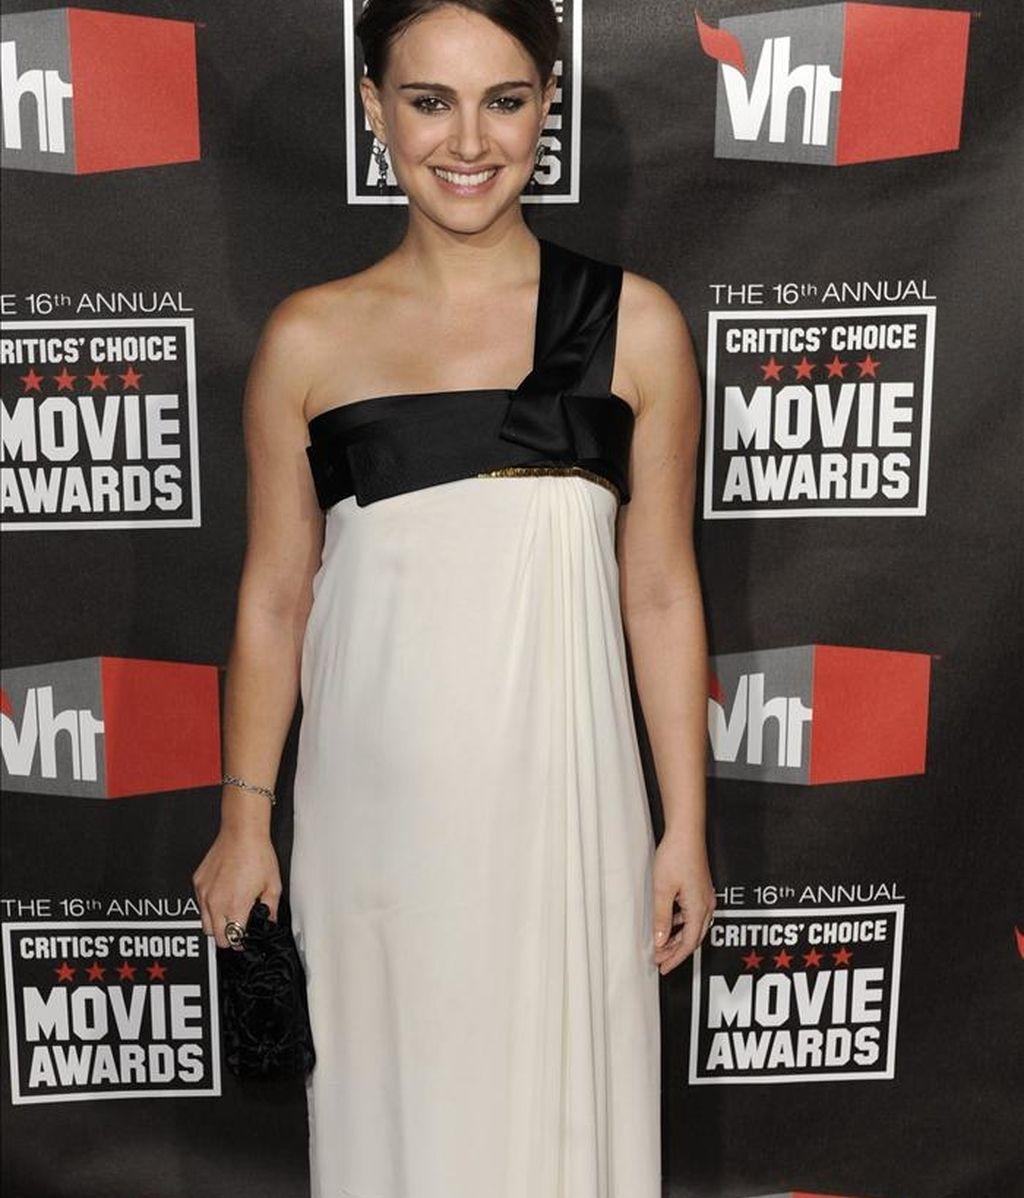 La actriz Natalie Portman posa a su llegada a la entrega de los Annual Critics Choice Movies Awards en Hollywood, Los Ángeles (EEUU). EFE